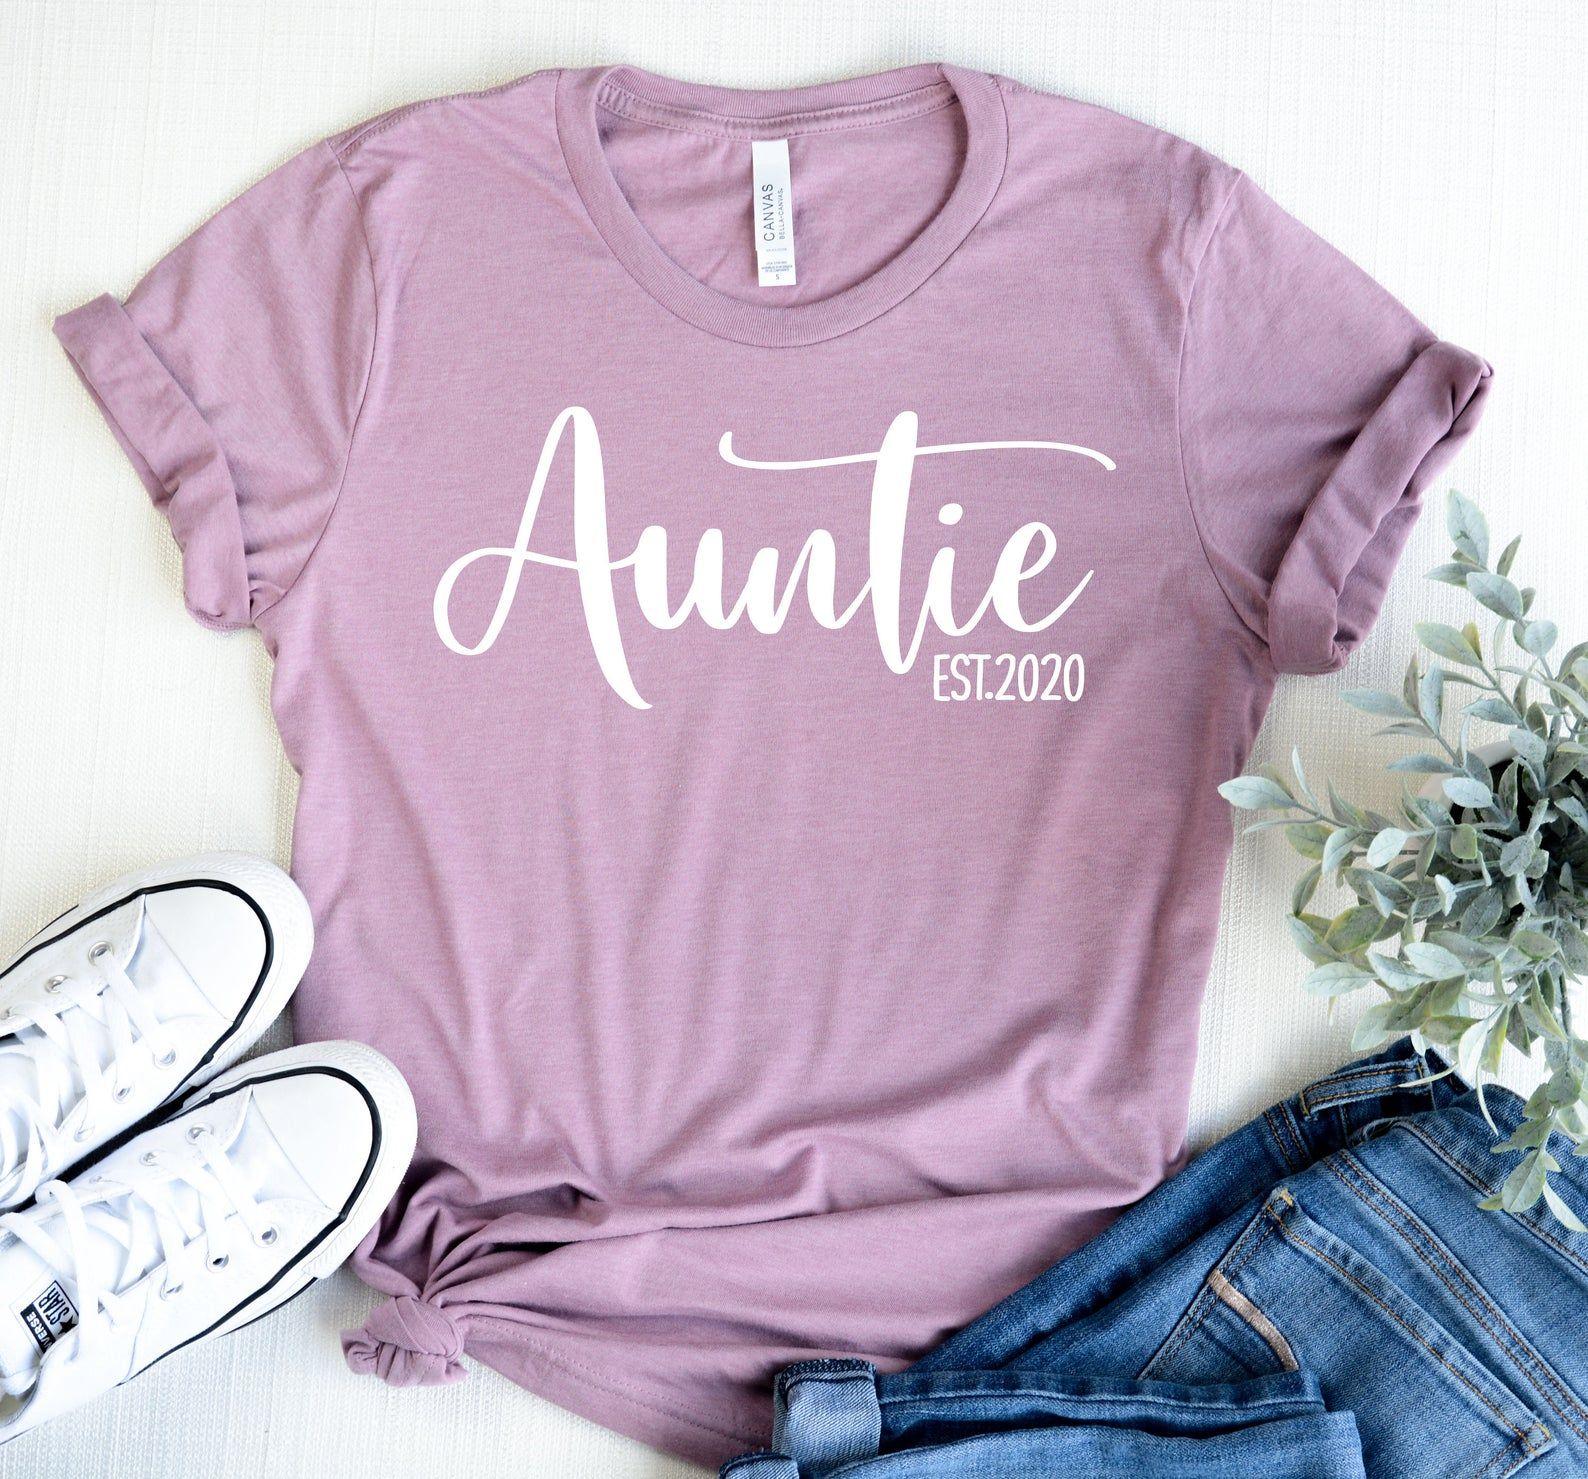 Auntie Est.2020 Shirt Best Auntie Ever T Shirt Aunt Shirt Aunt Gift Best Aunt Ever Shirts New Aunt Tops Shirt For Aunt